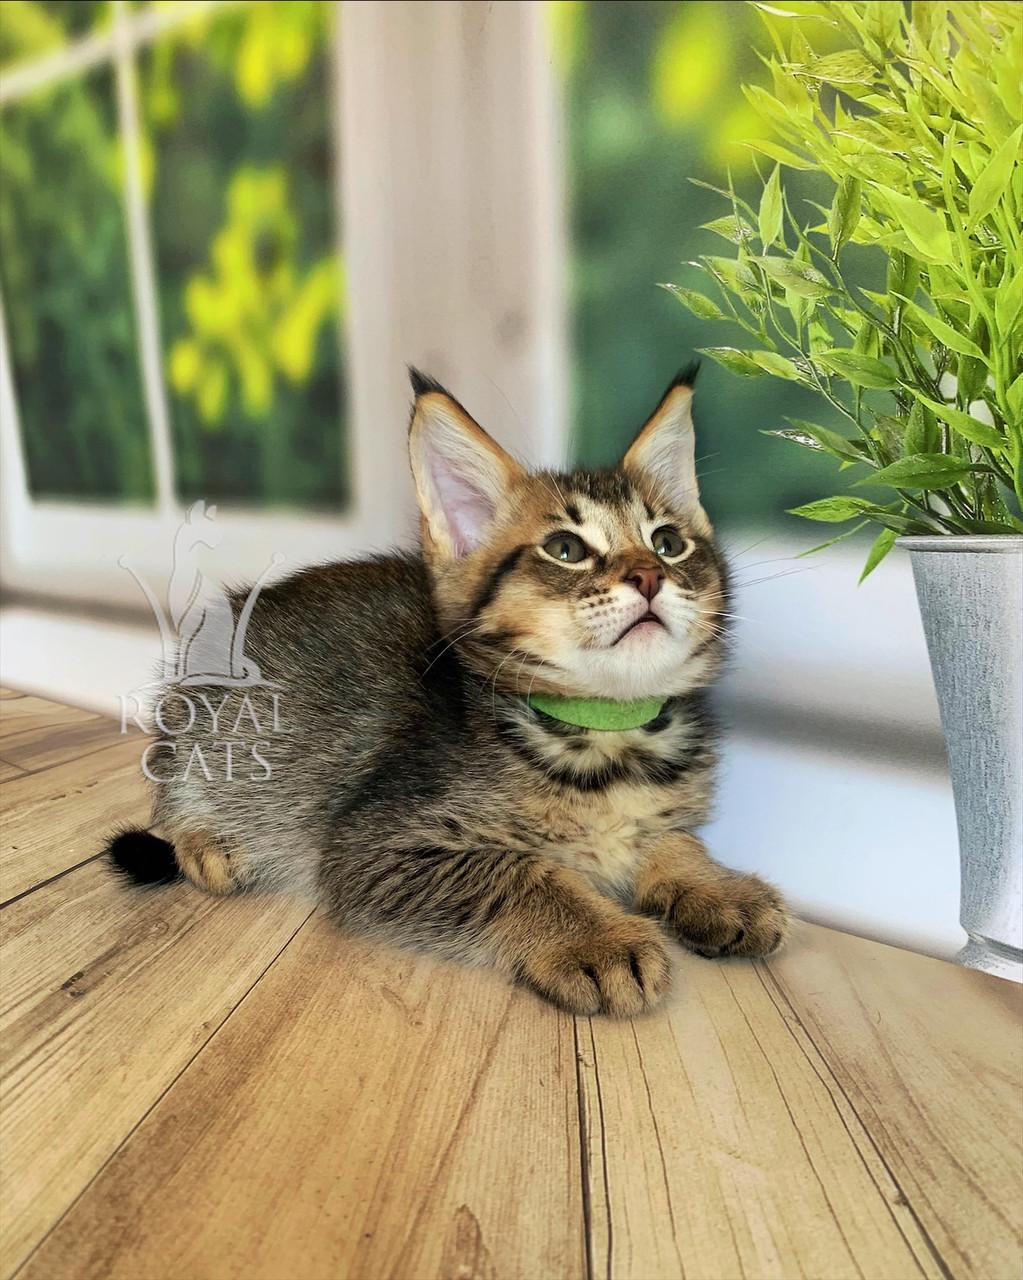 Котёнок Чаузи Ф2 (green collar) дата рождения 27.03.2020. Питомник Royal Cats. Украина, Киев